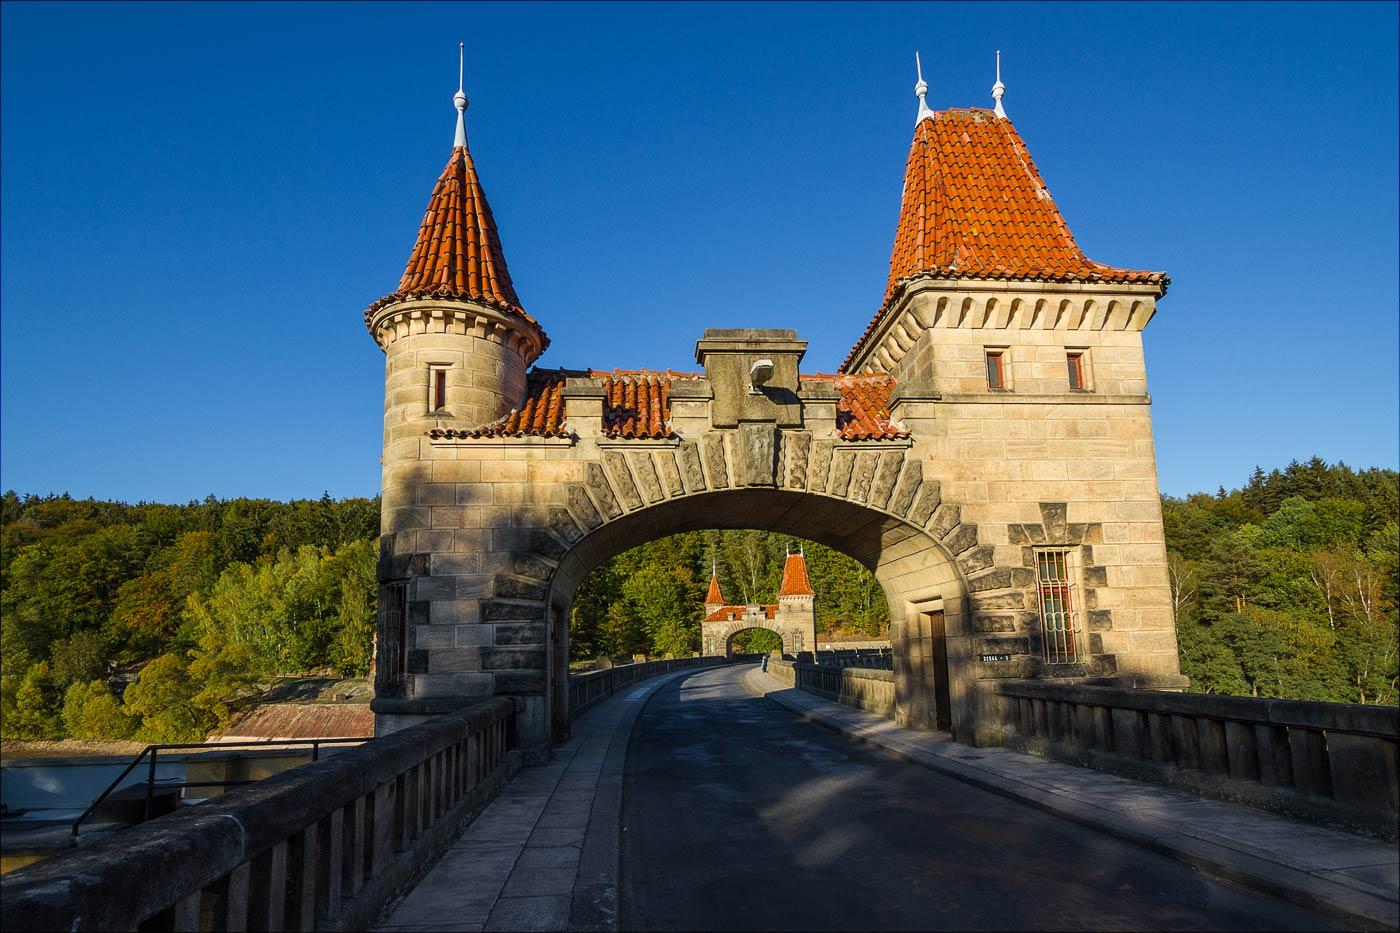 http://countryczech.com/wp-content/uploads/2016/10/photos/20151002-170314_Prehrada_Les_Kralovstvi.jpg